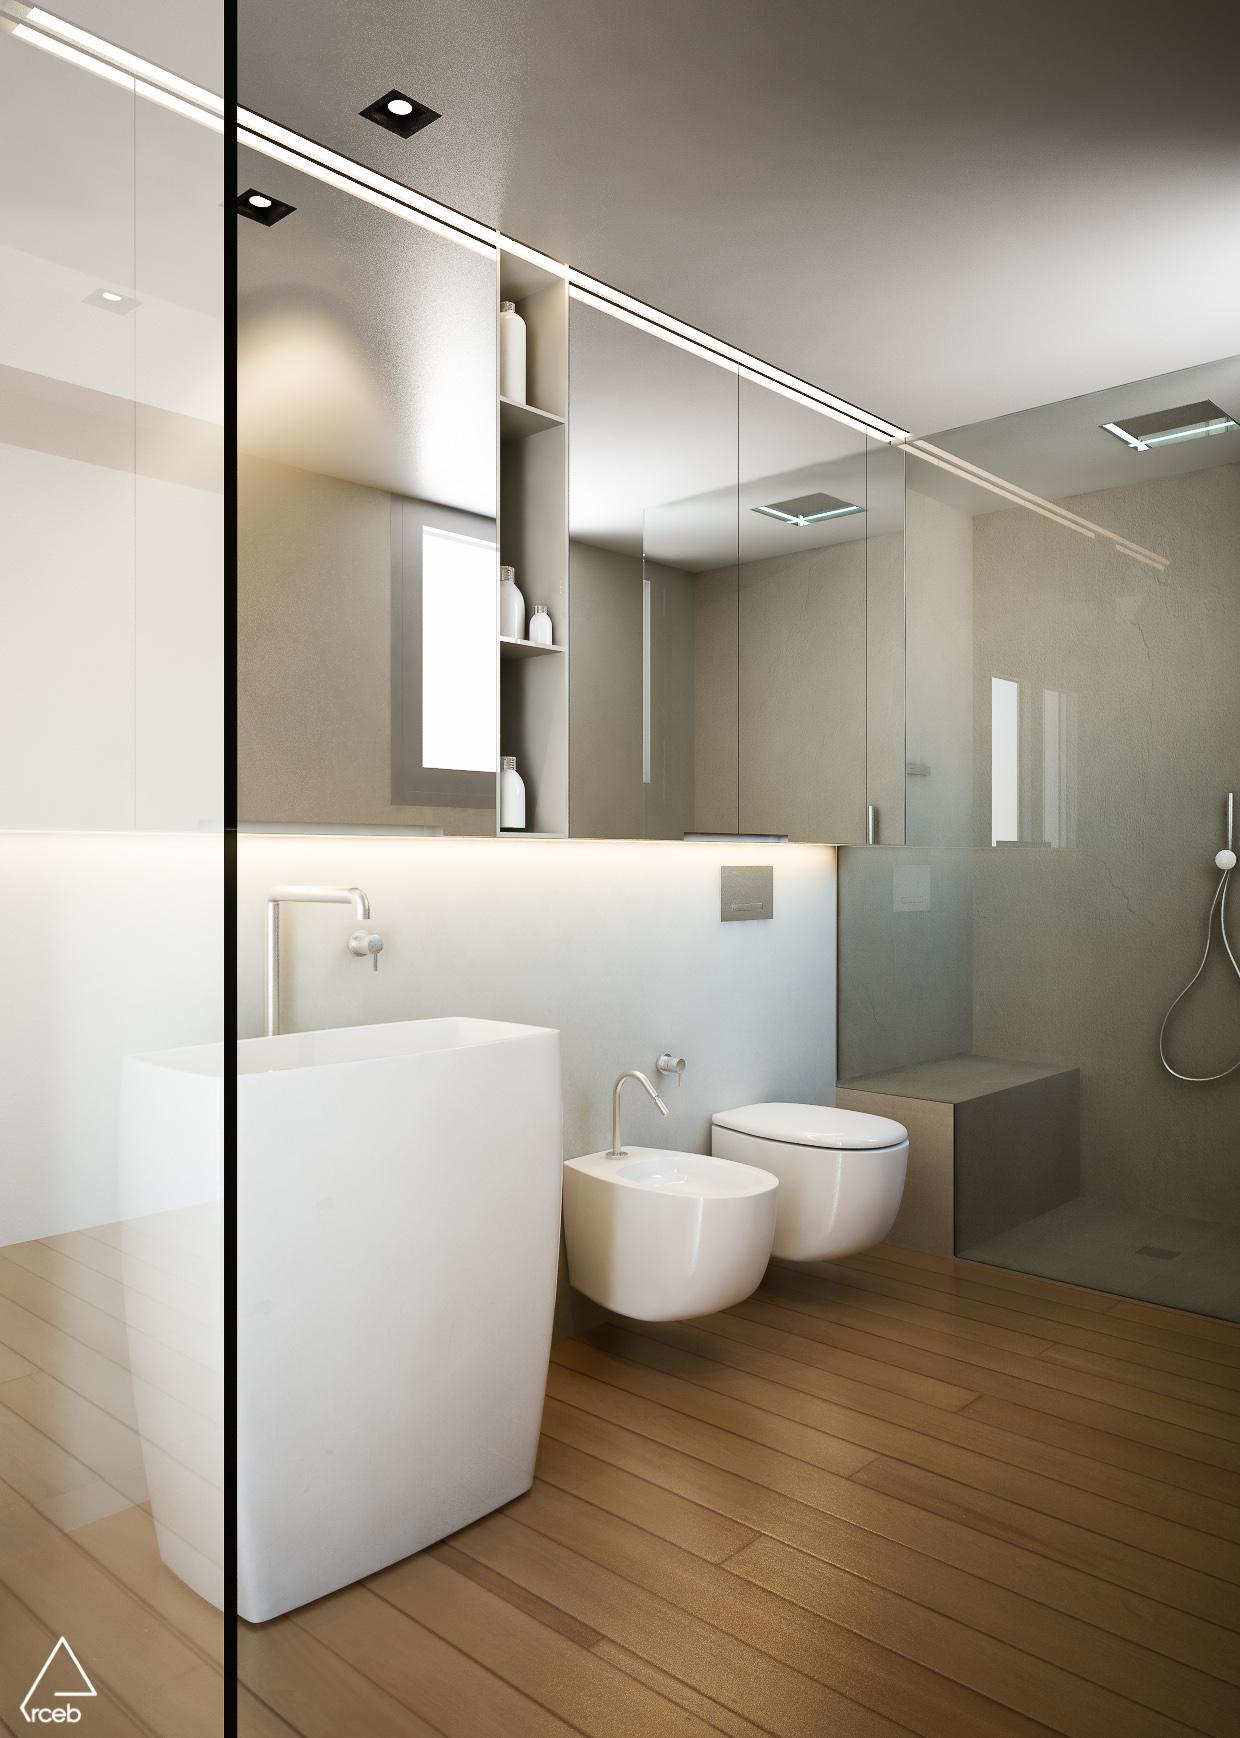 Arredo Bagno Romagna render e modellazione 3d - ambiente bagno e sanitari